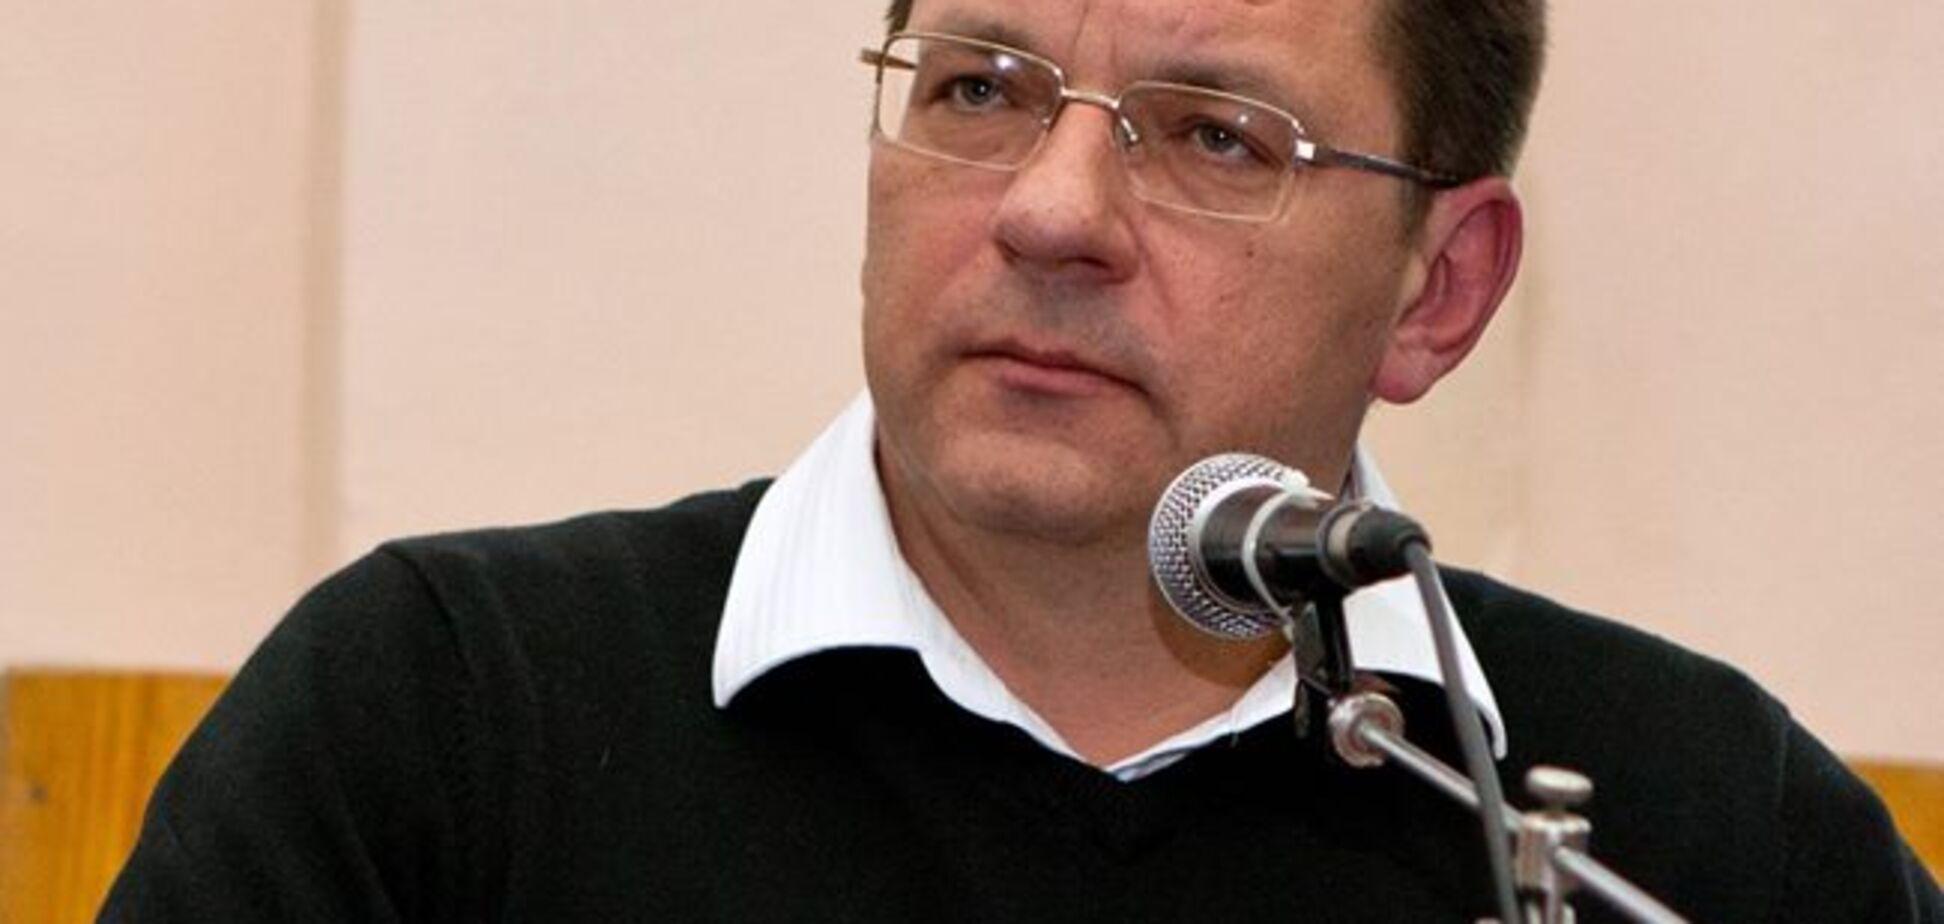 Скупой платит дважды: Одарыч указал на ошибку власти Черкасс